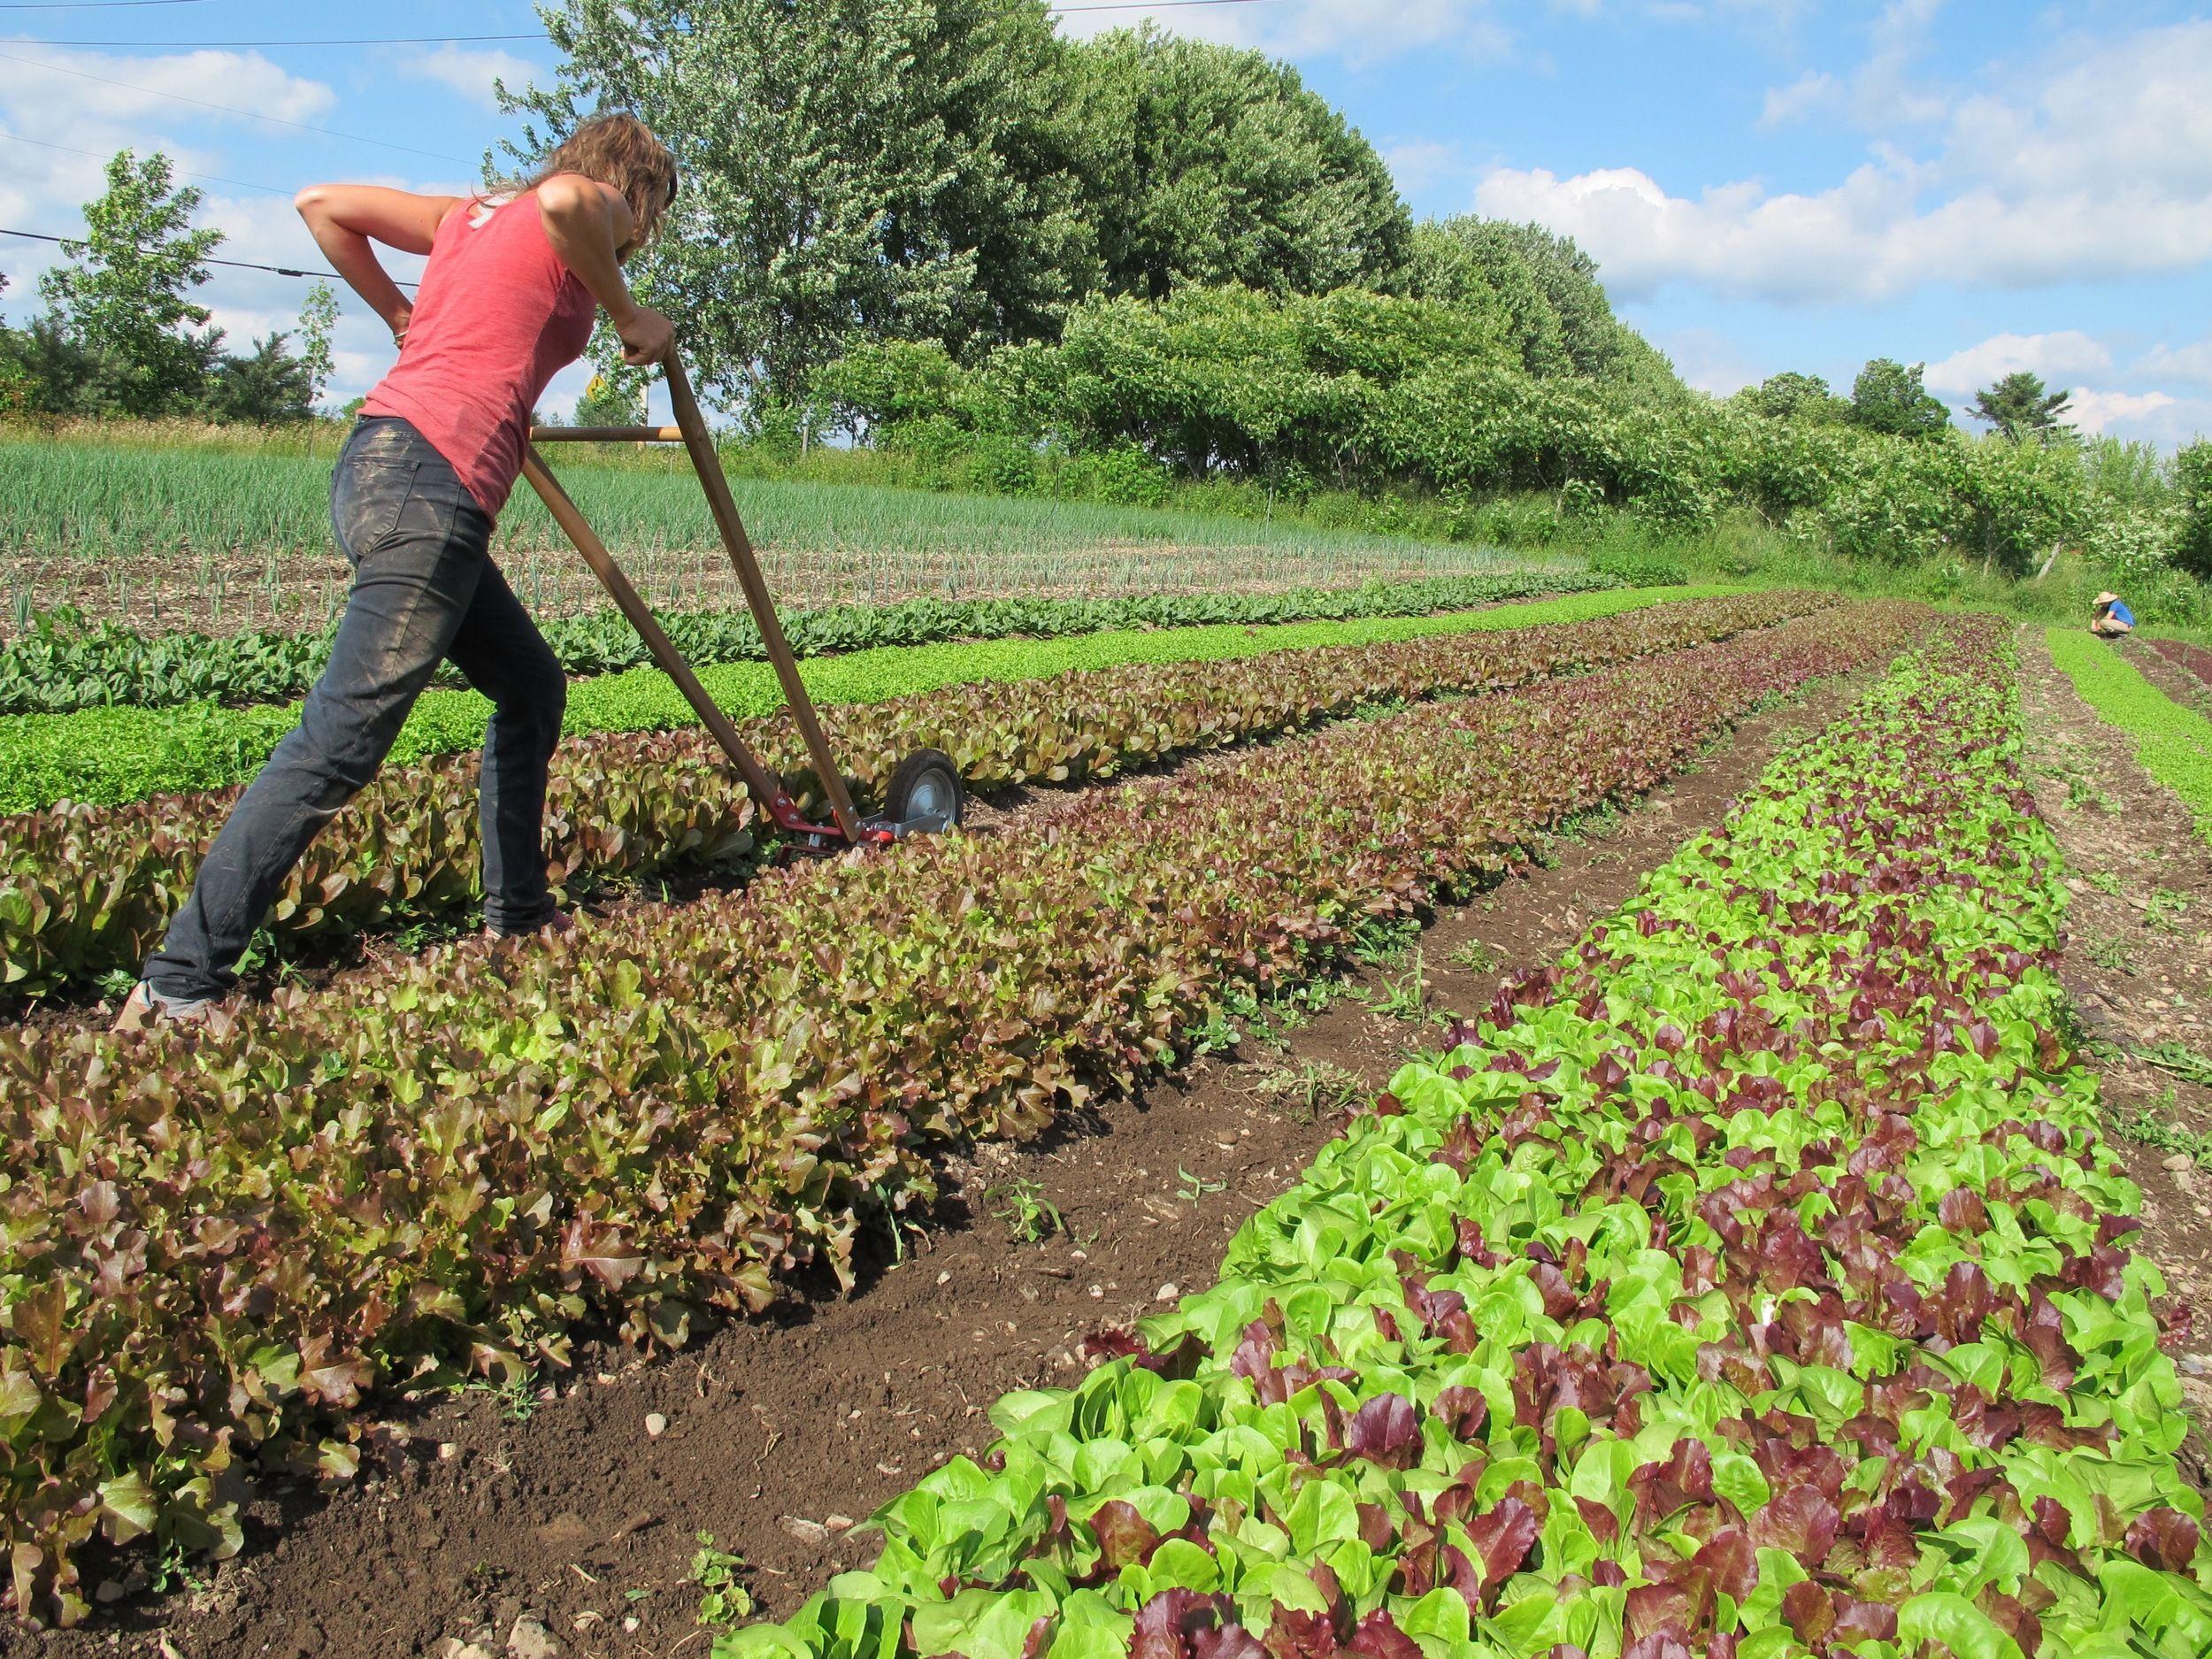 Accueil Homestead Farm Backyard Farming Farm Business Urban backyard farming for profit